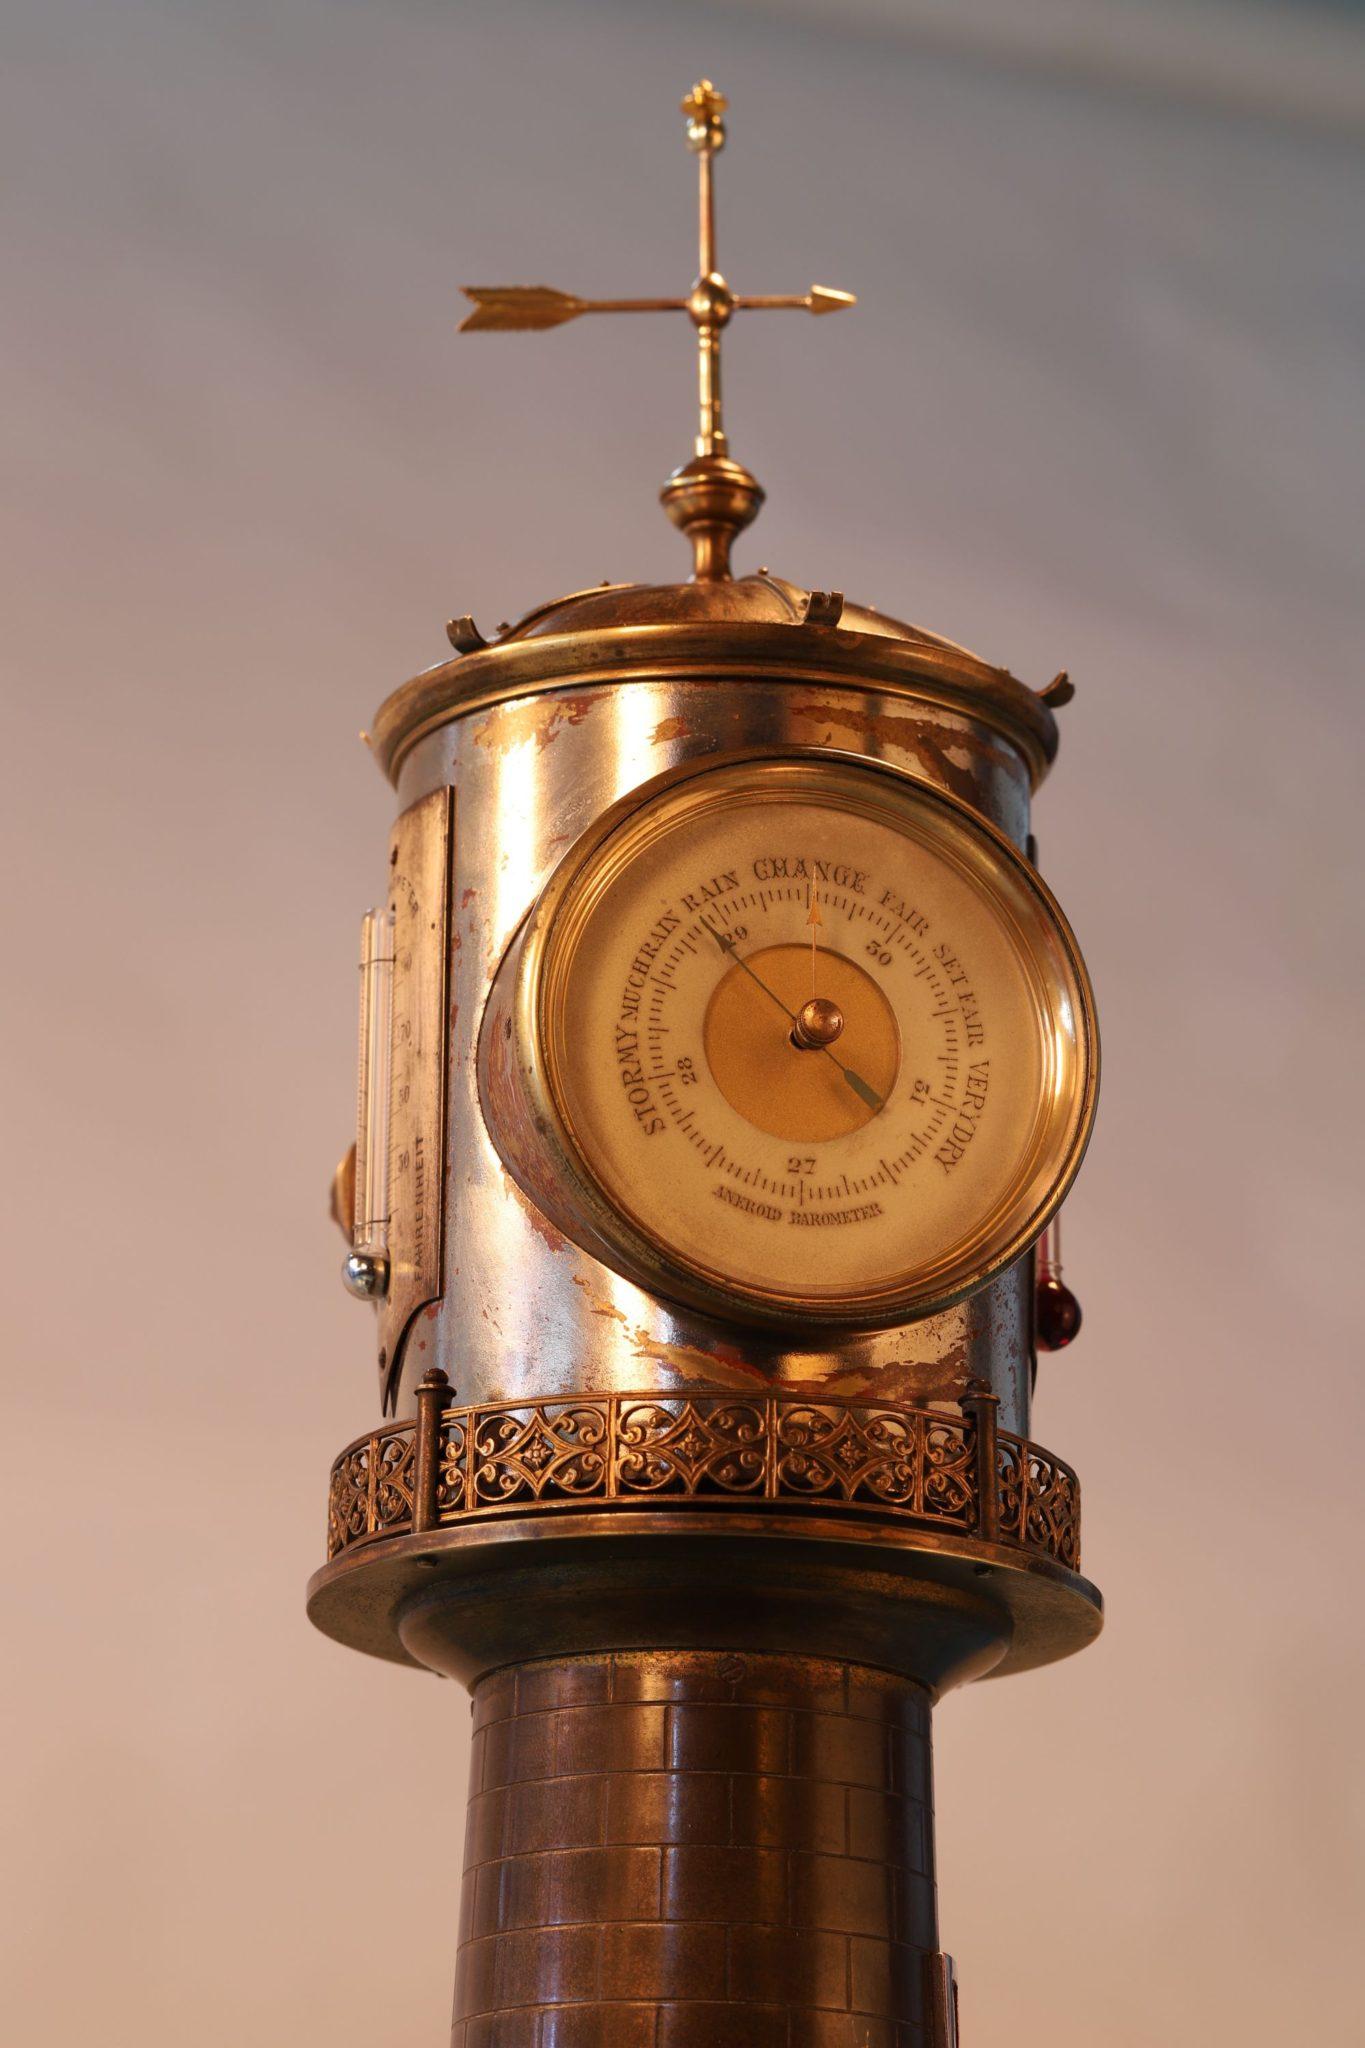 Image of Guilmet Industrial Series Lighthouse Clock Barometer c1880